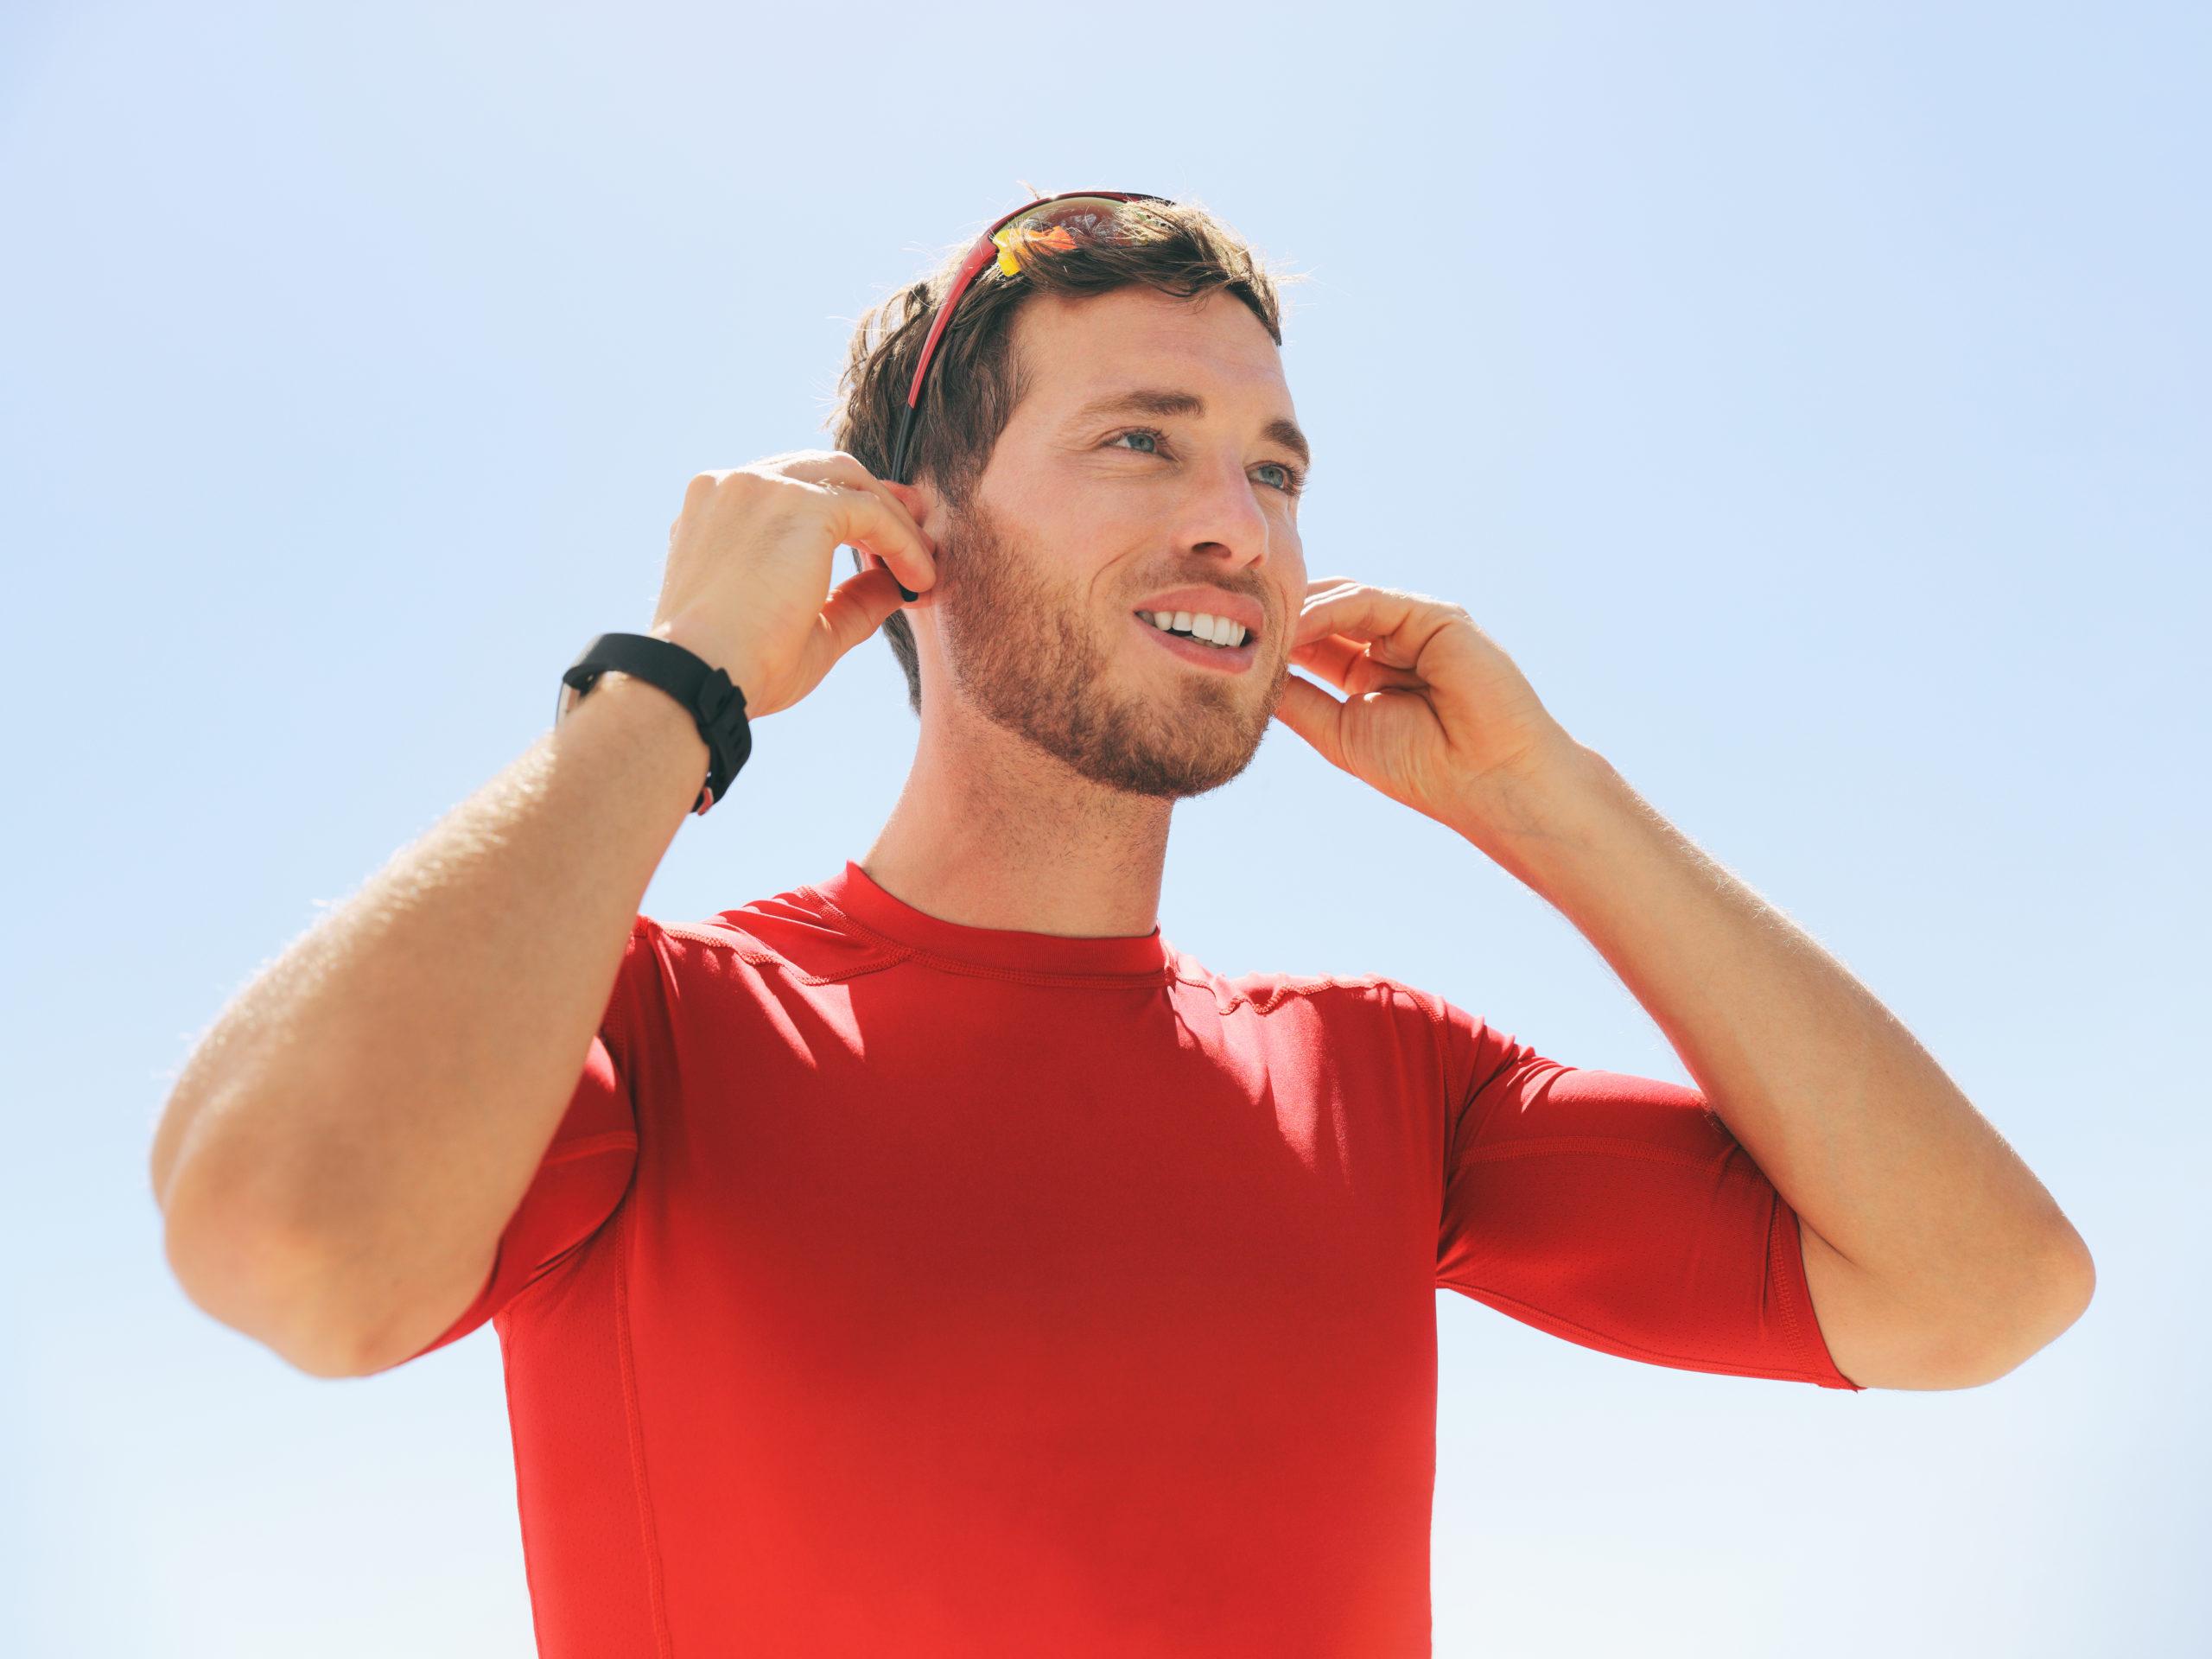 Estos audífonos inalámbricos están hechos para proteger tus oídos